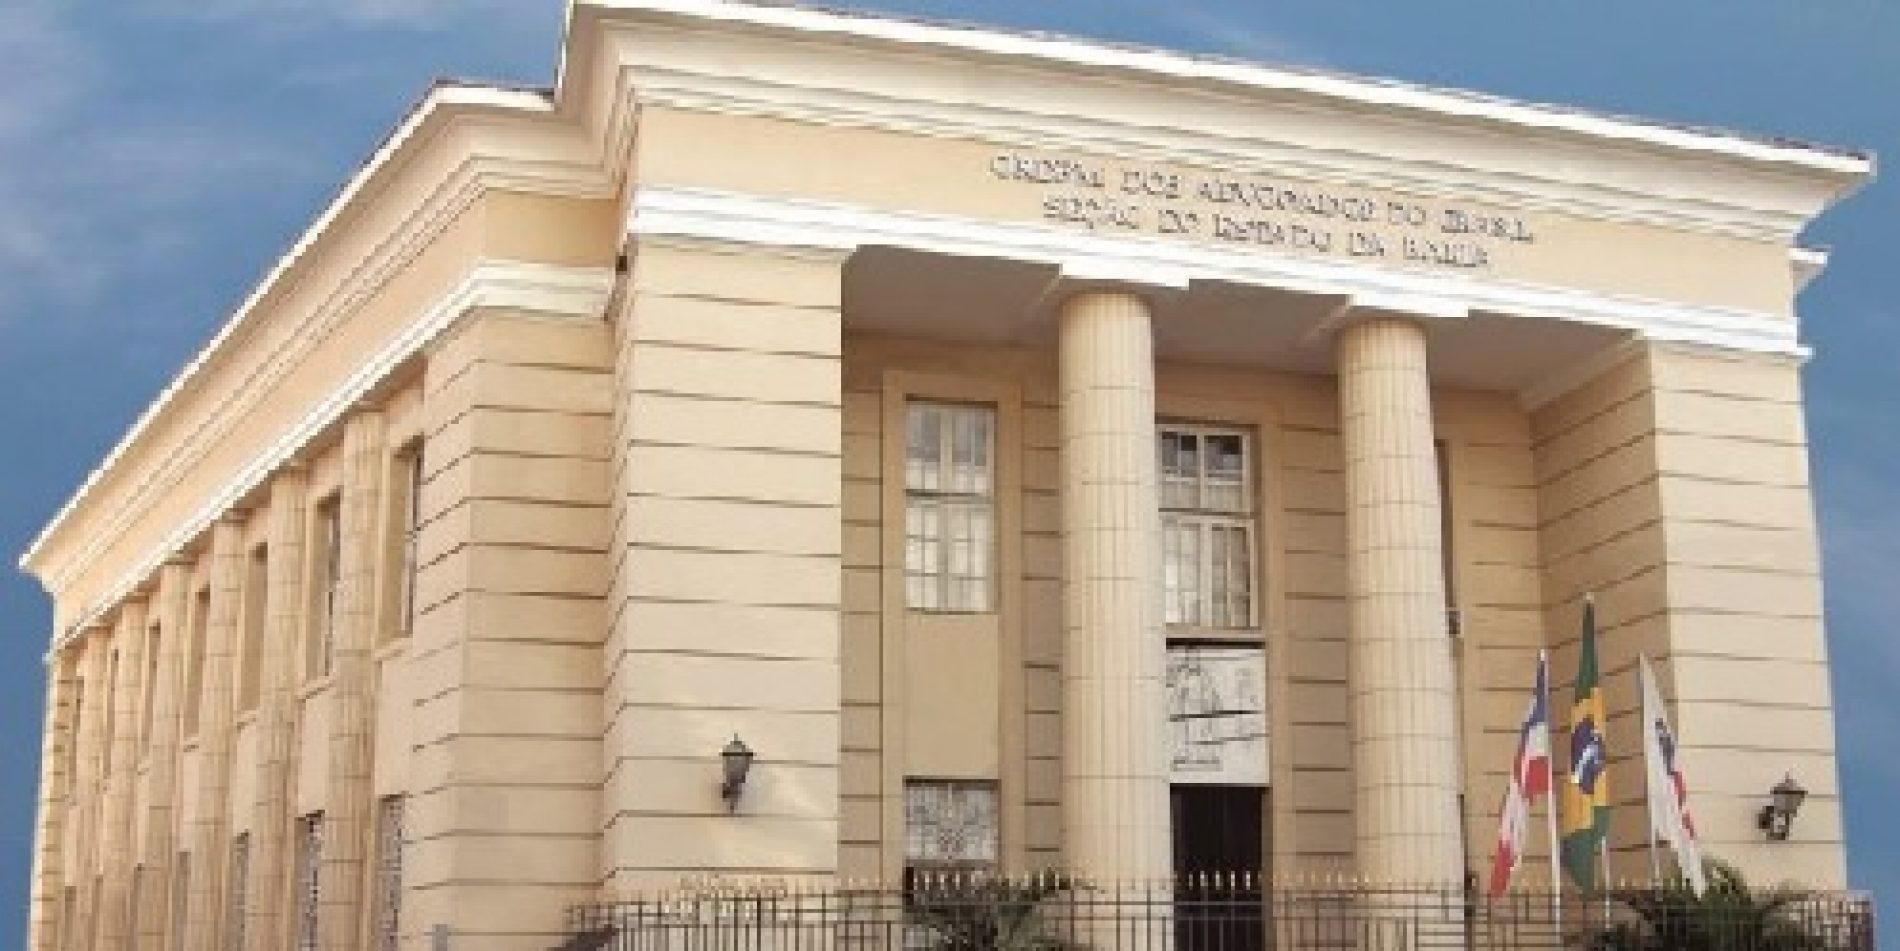 OAB emite nota de repúdio após cenas de sexo em delegacia de Camaçari